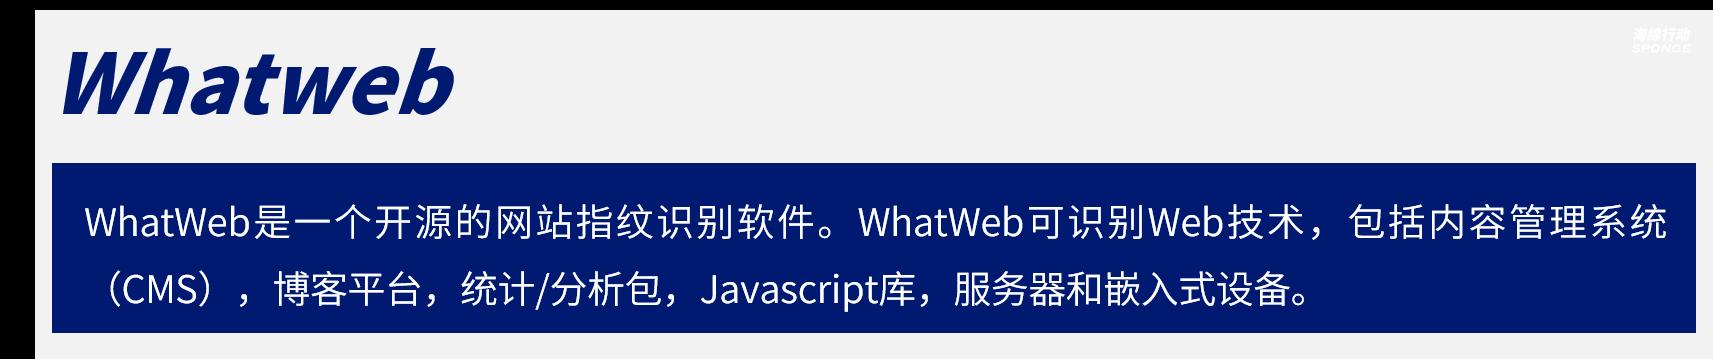 渗透测试 | 几款常用的CMS识别「Web指纹识别」扫描脚本&工具(含下载地址)